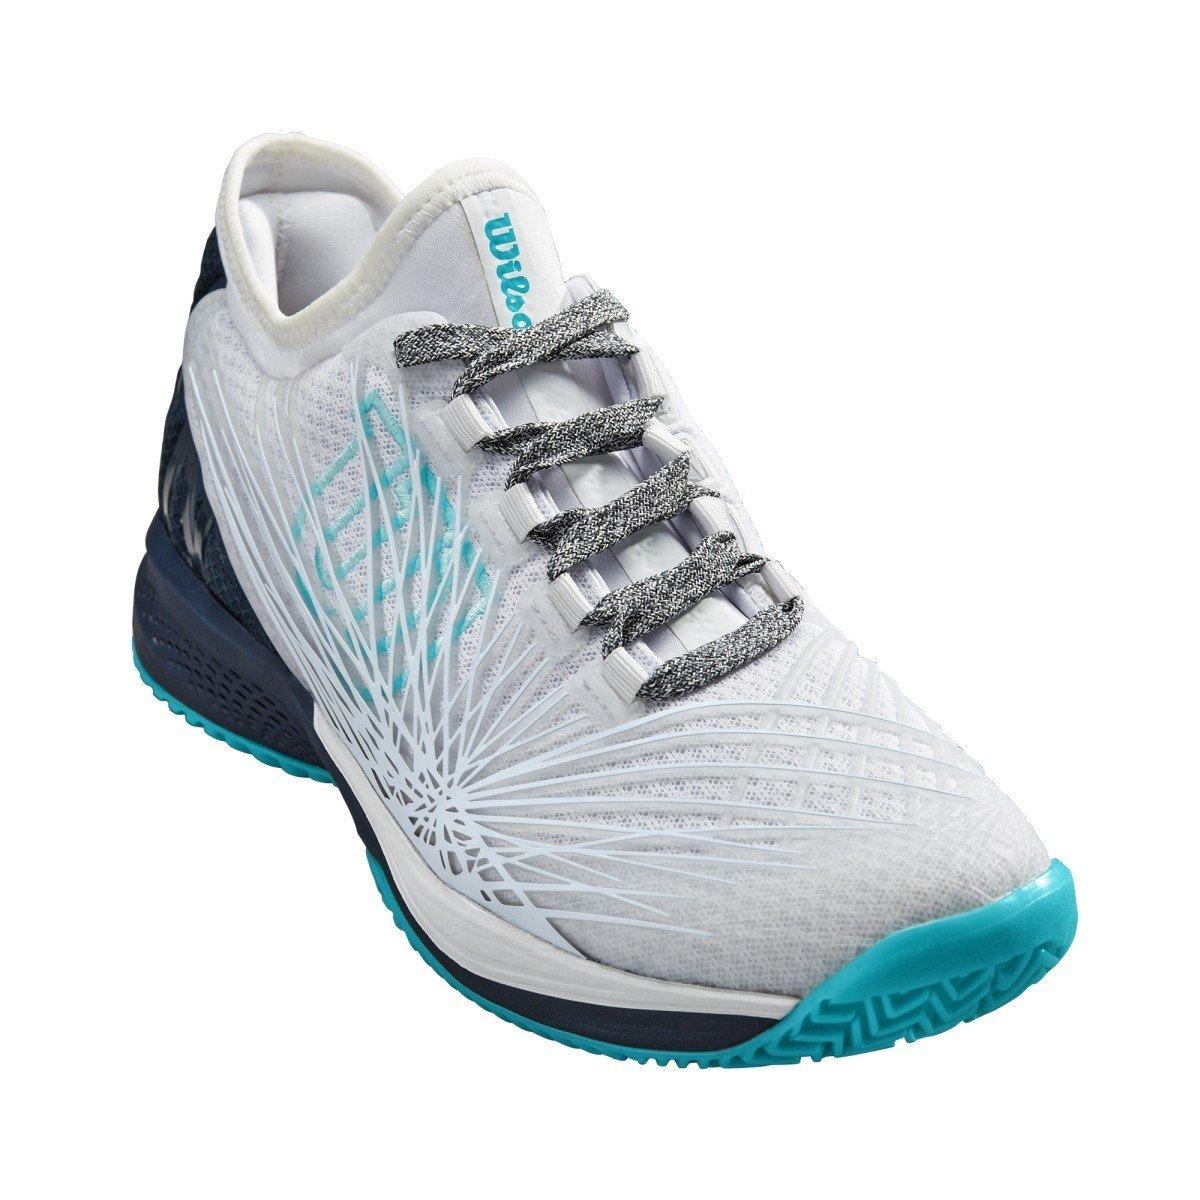 Wilson Tennis Shoes – Women's Kaos 2.0 SFT